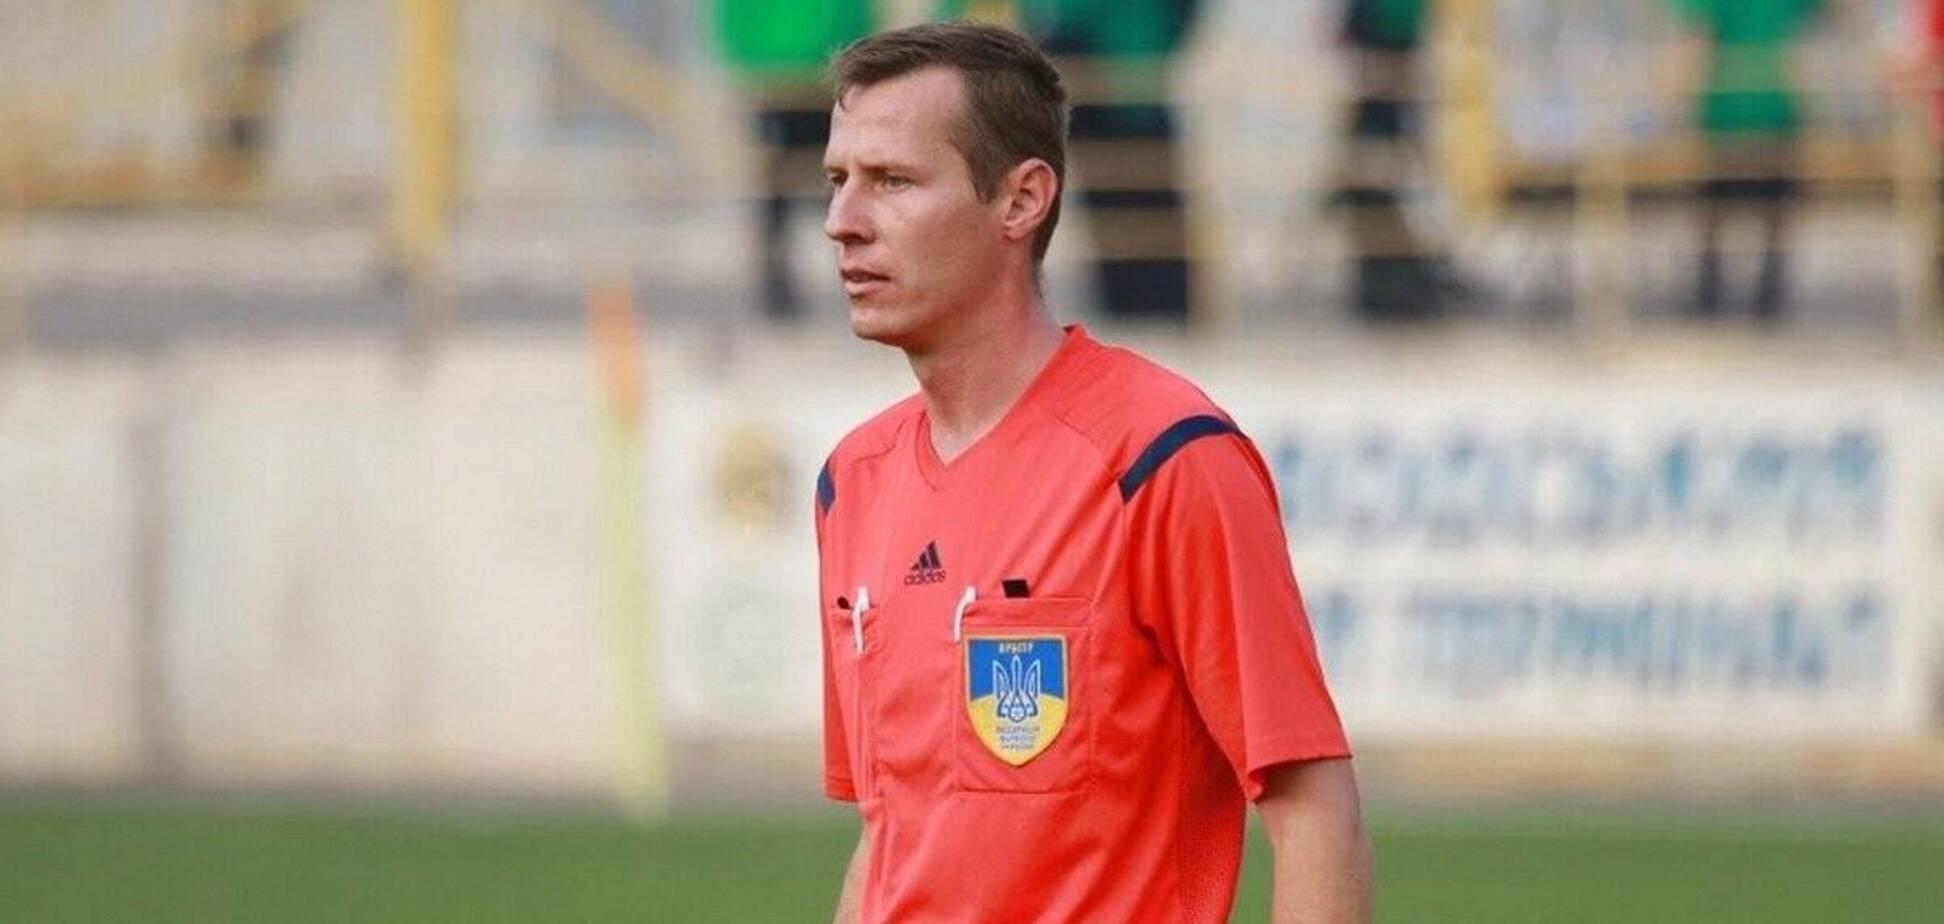 Стало відомо, хто побив арбітра Юрія Іванова після матчу Першої ліги